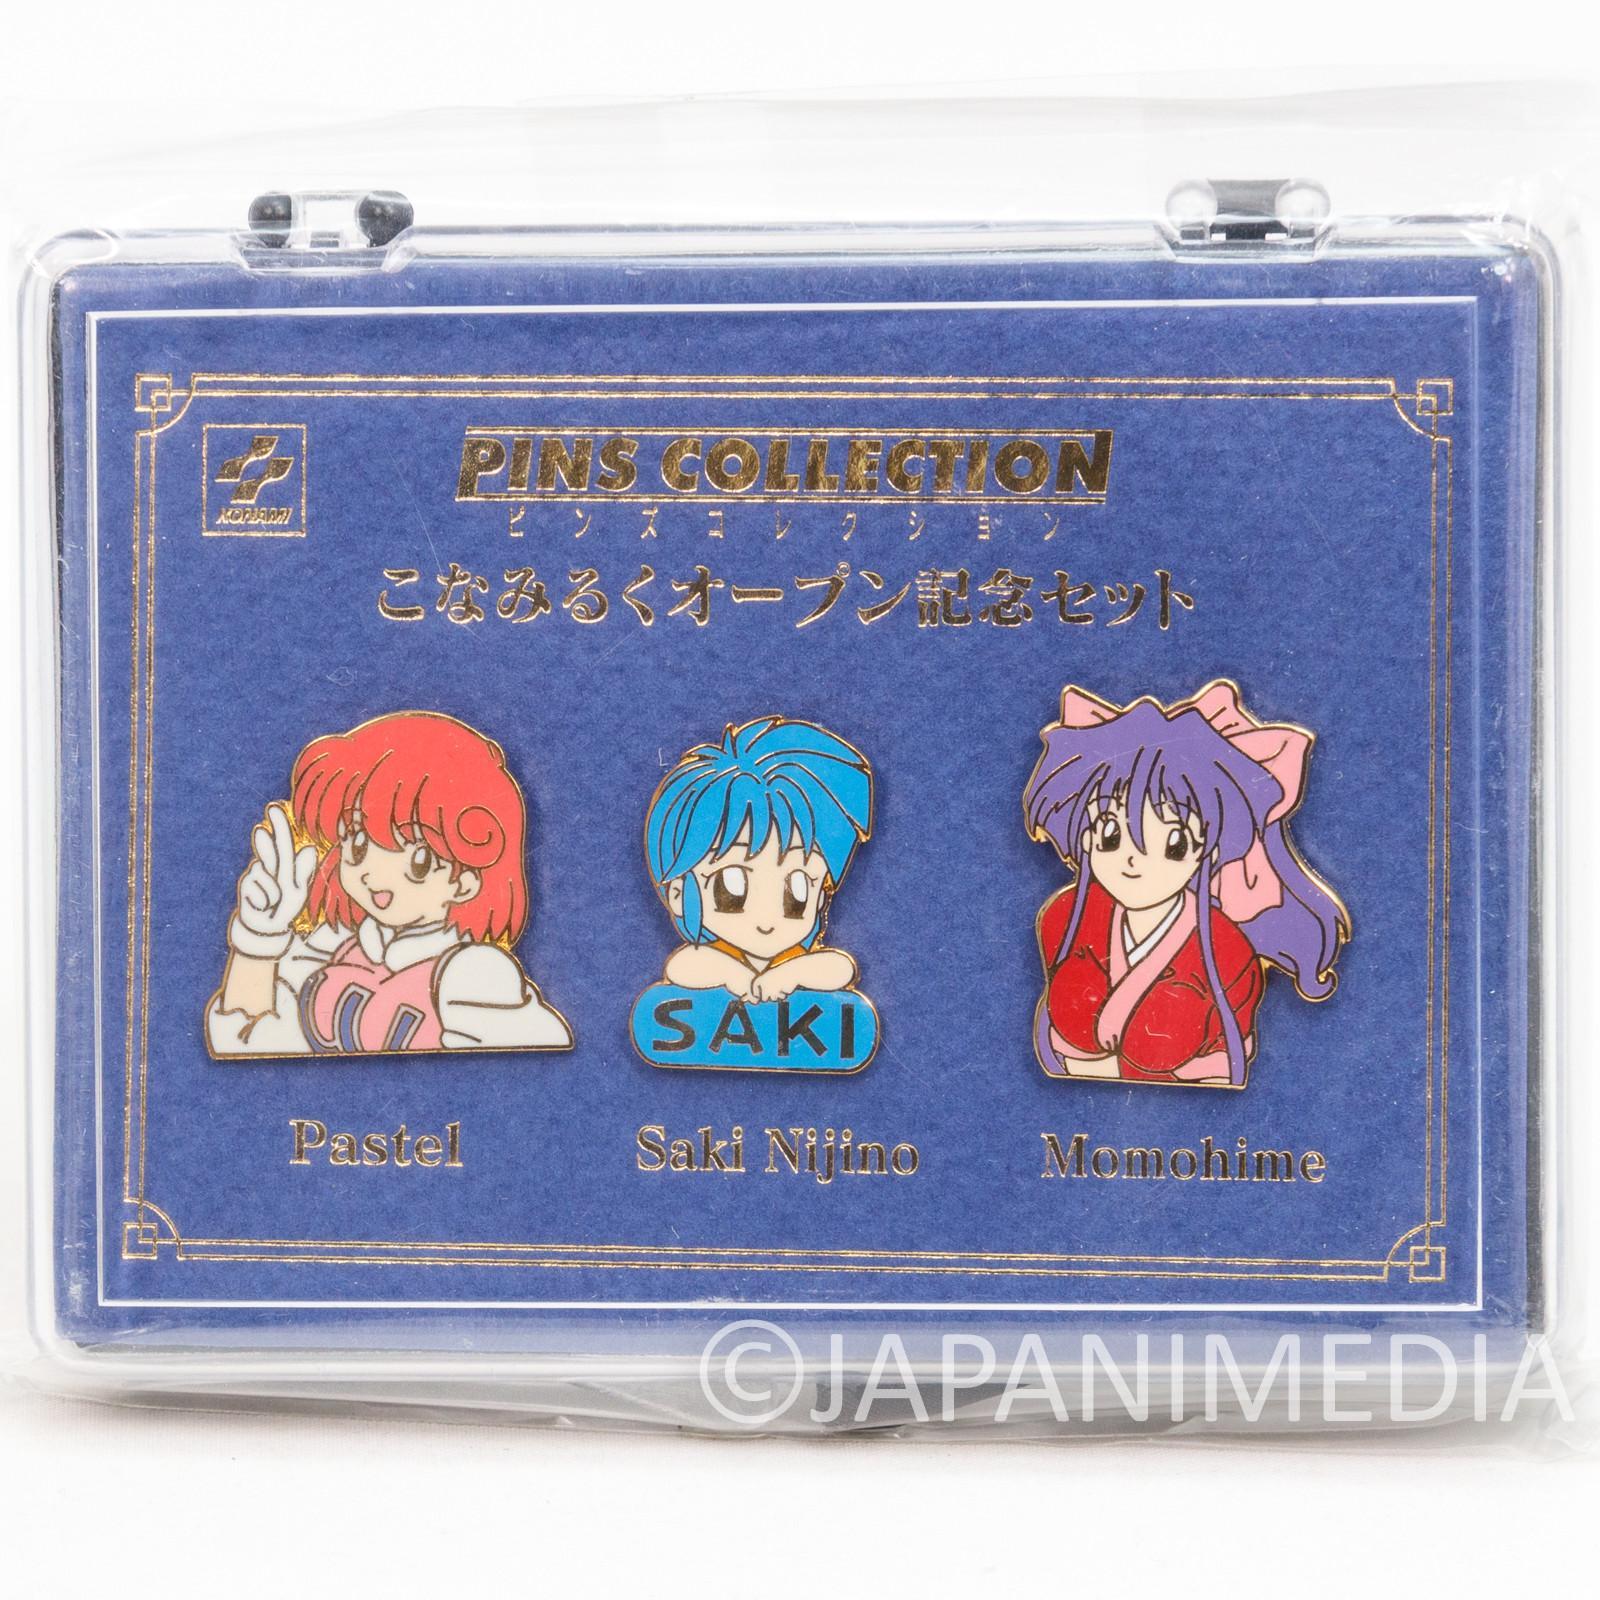 KONAMI Pins Collection Set Pastel Saki Momohime Konamiruku JAPAN GAME